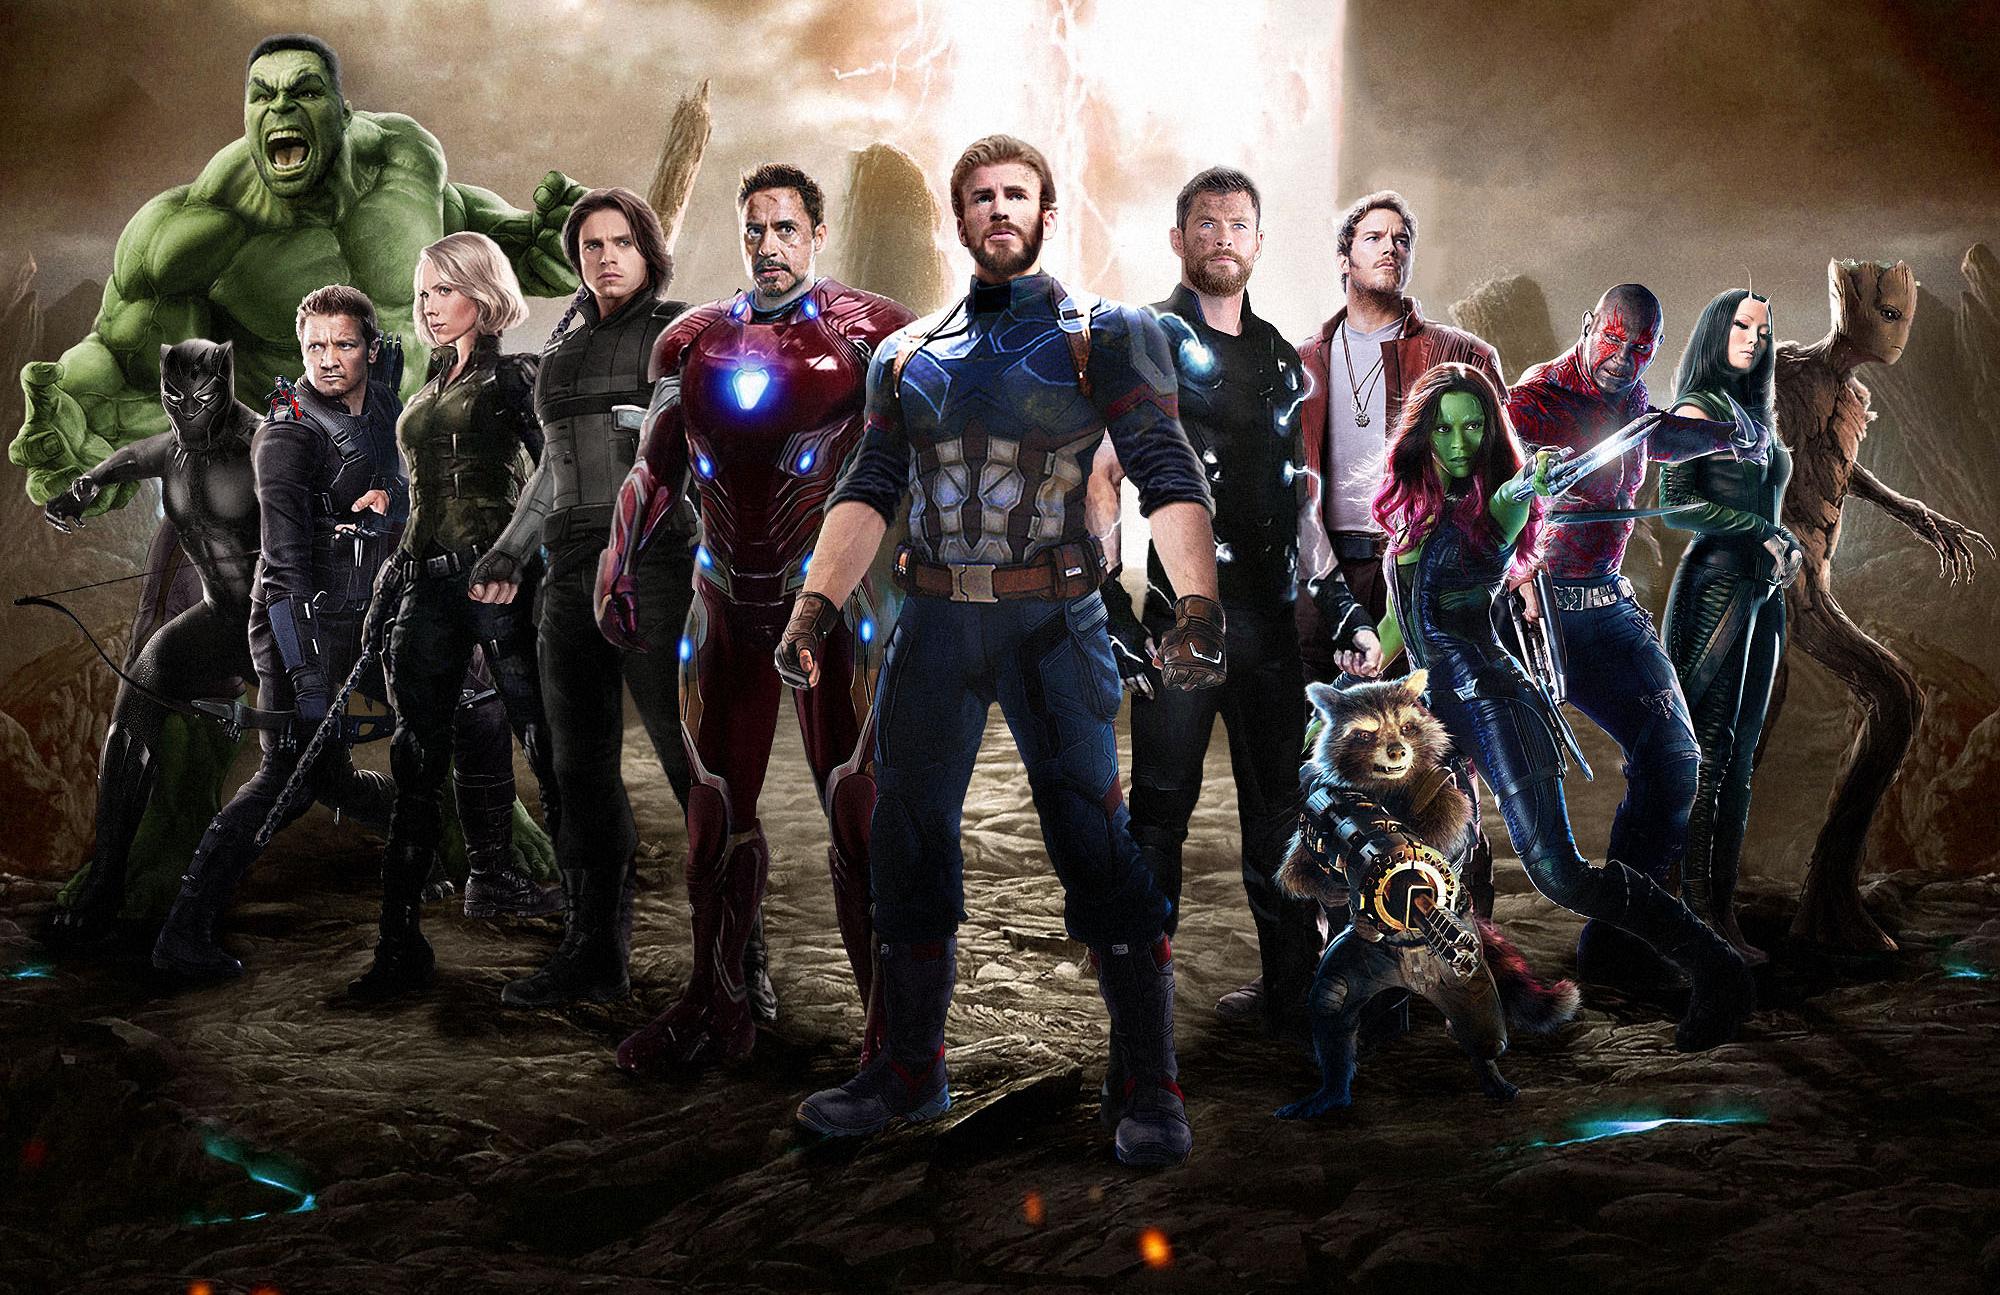 Avengers Infinity War 2018 Movie Fan Art